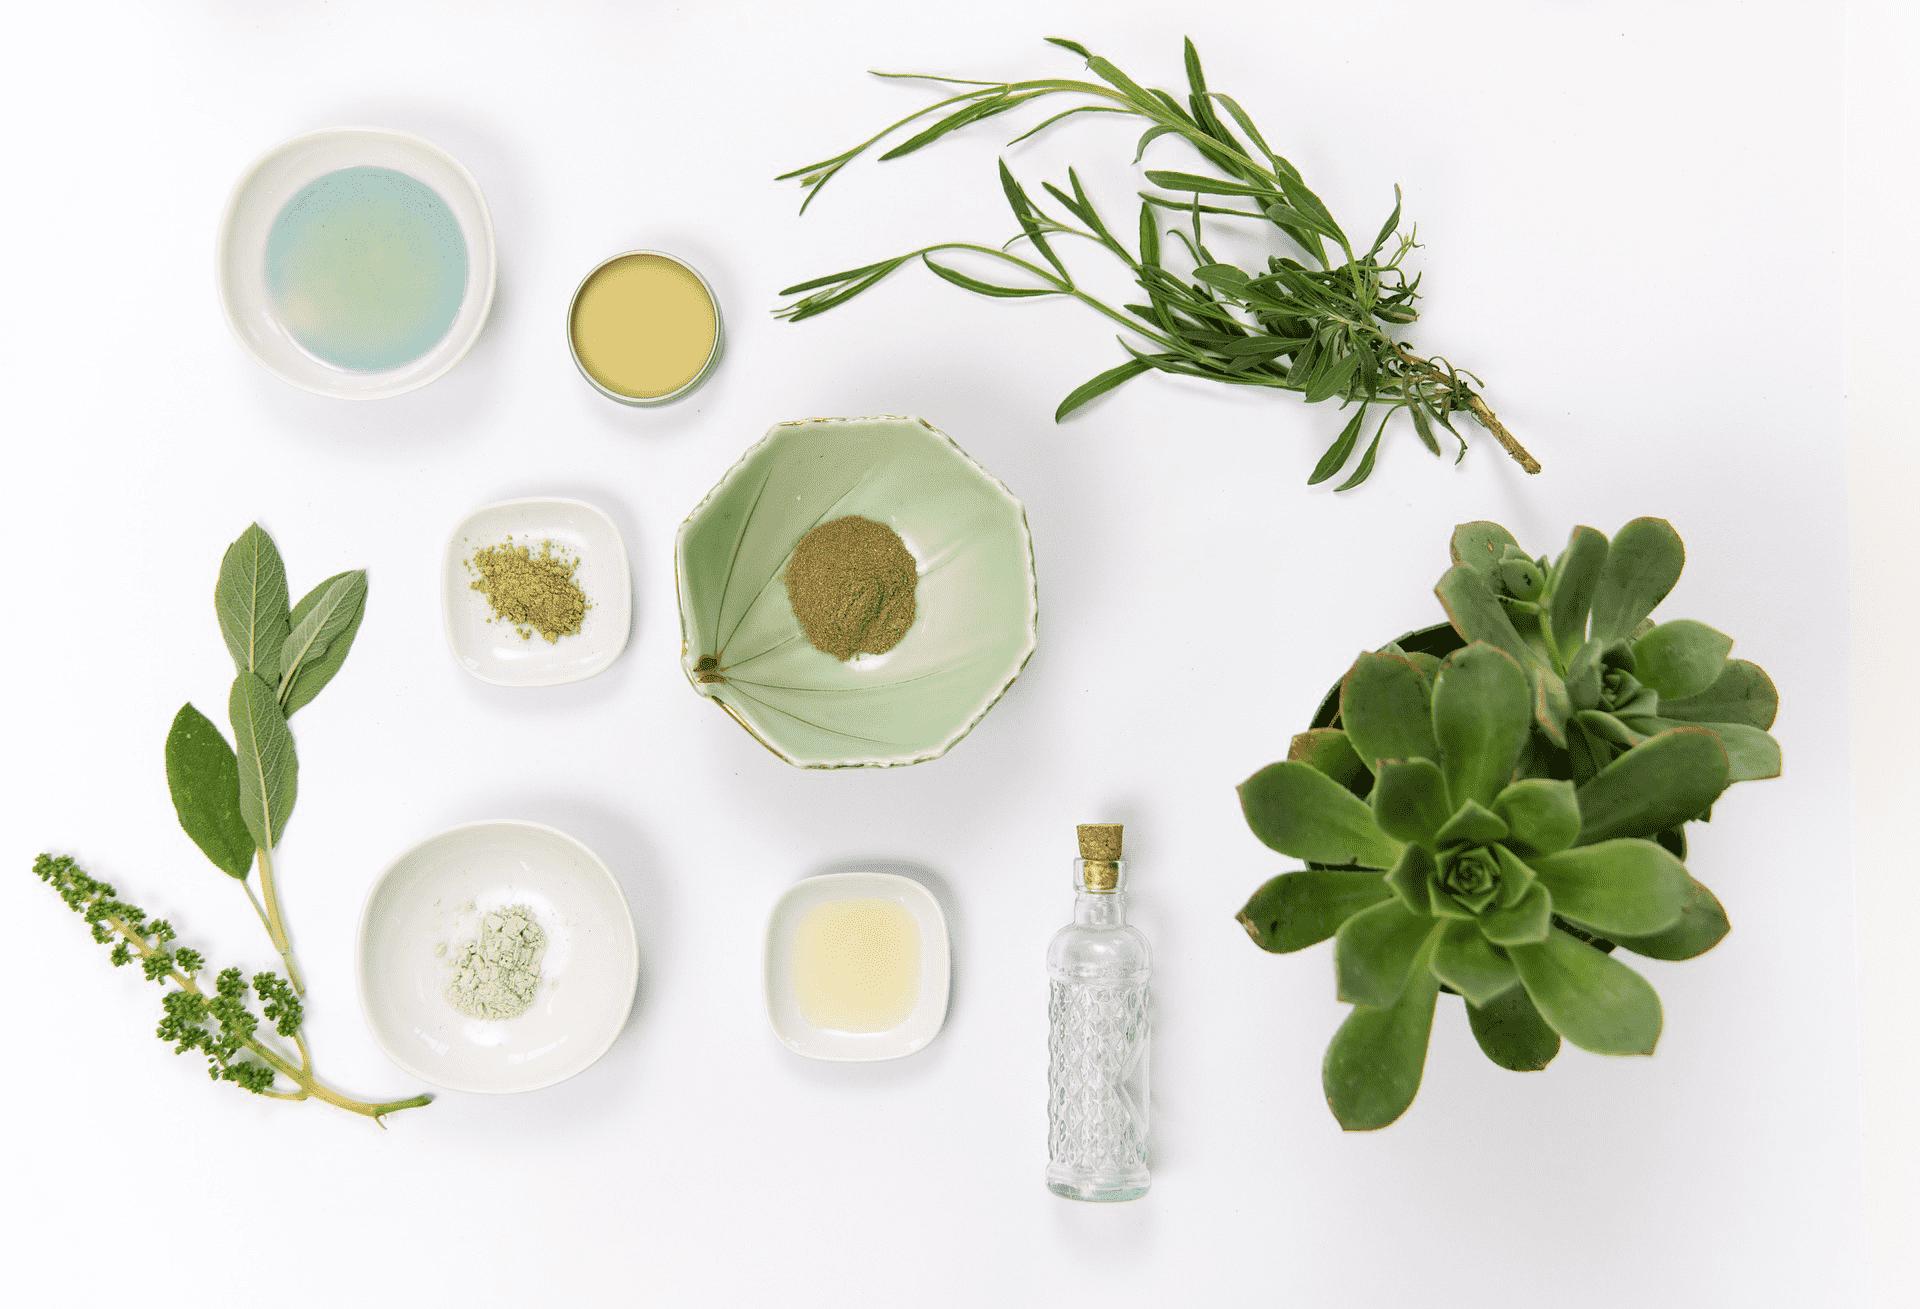 Comprar cosmética natural en Vietnam